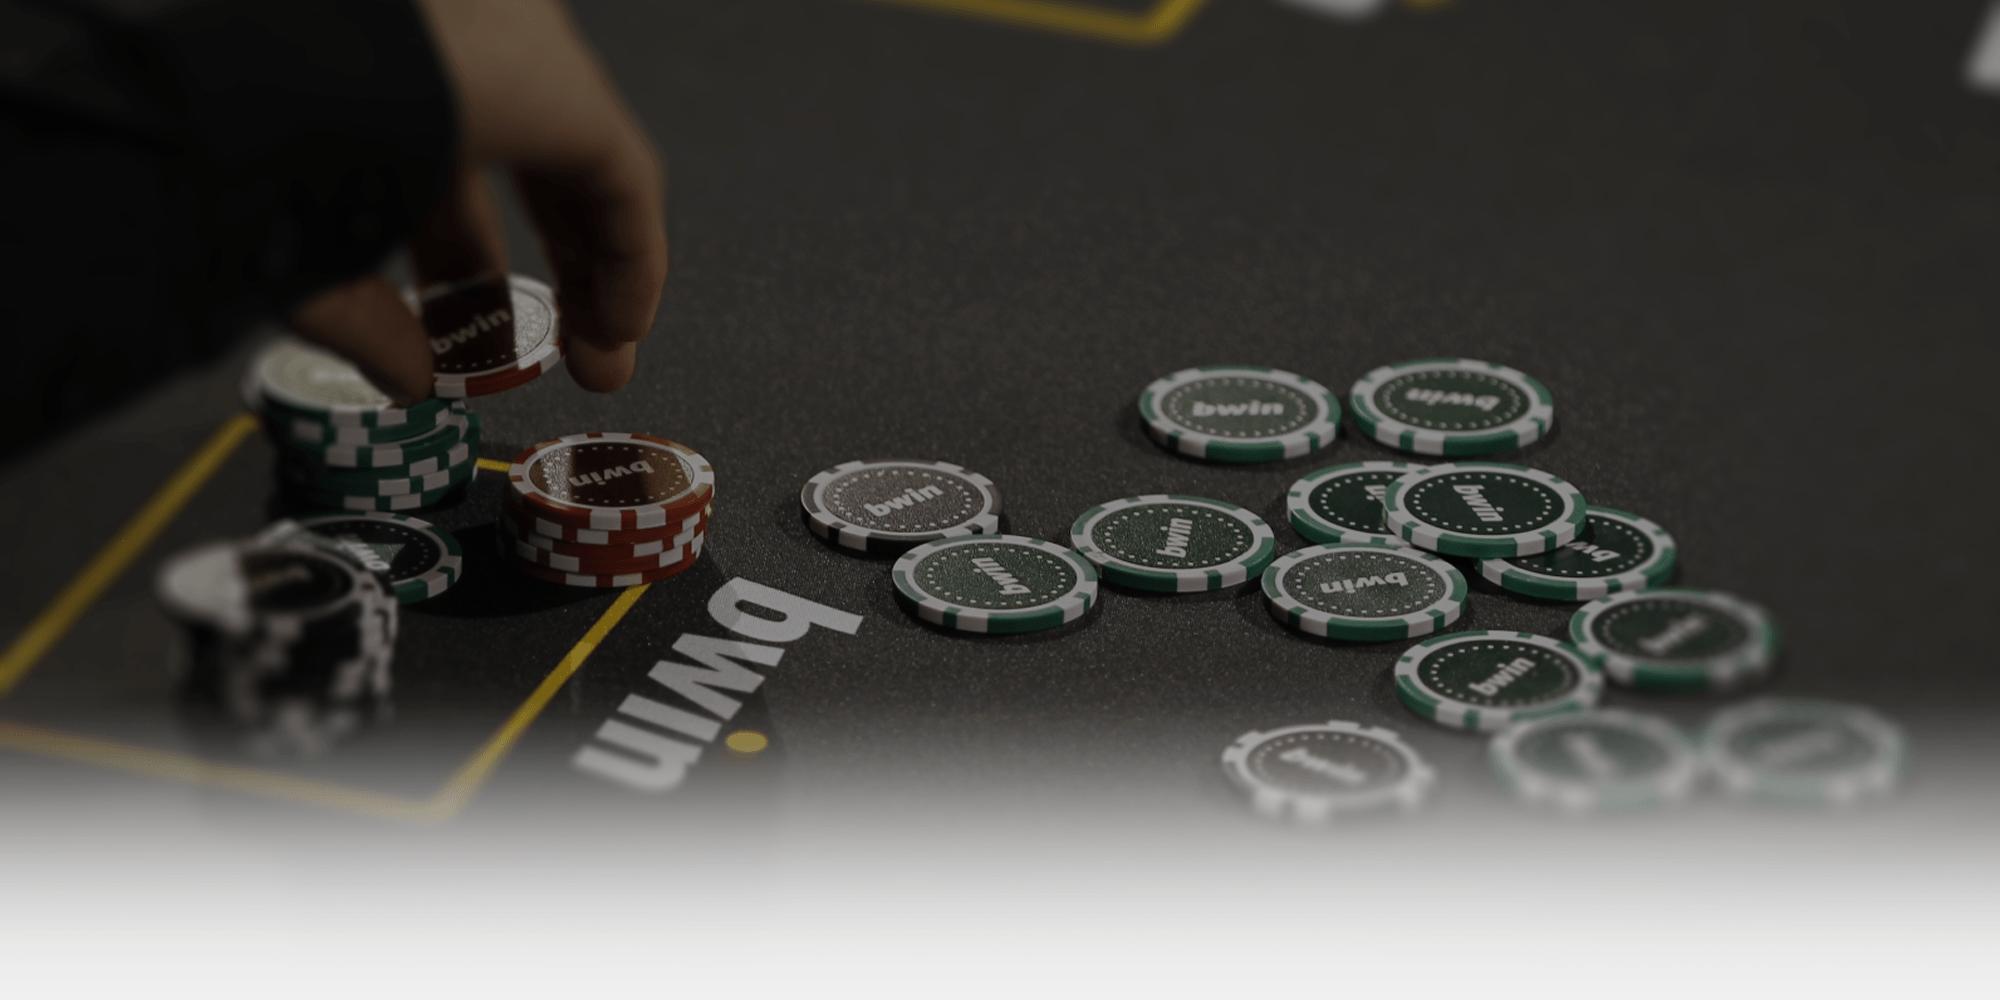 bwin casino bonuscode